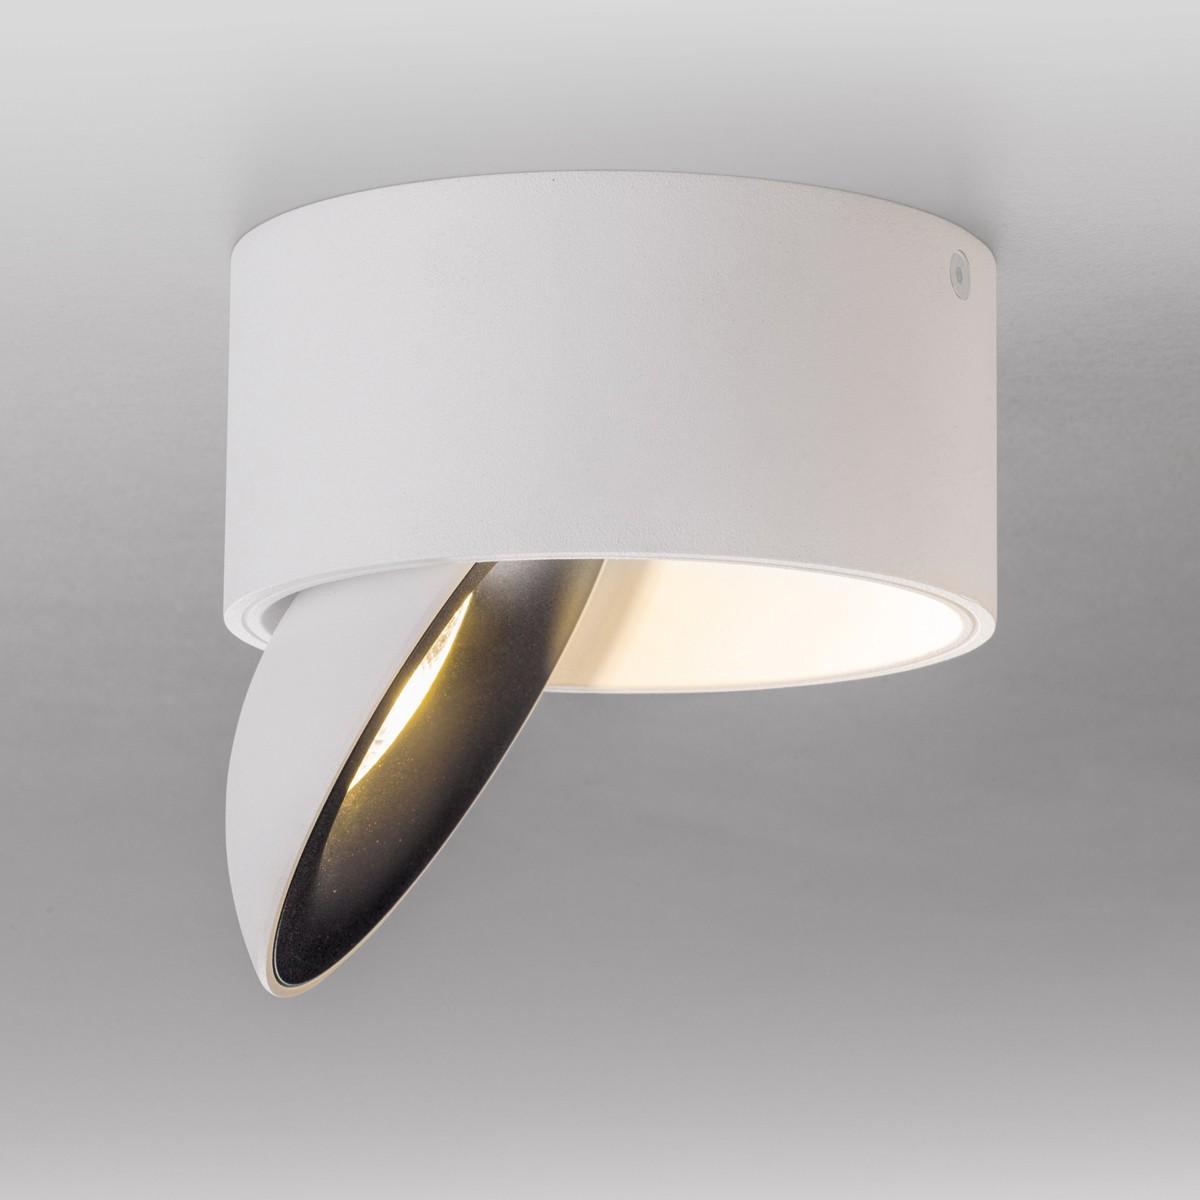 Lupia Licht Saturn Deckenstrahler, weiß